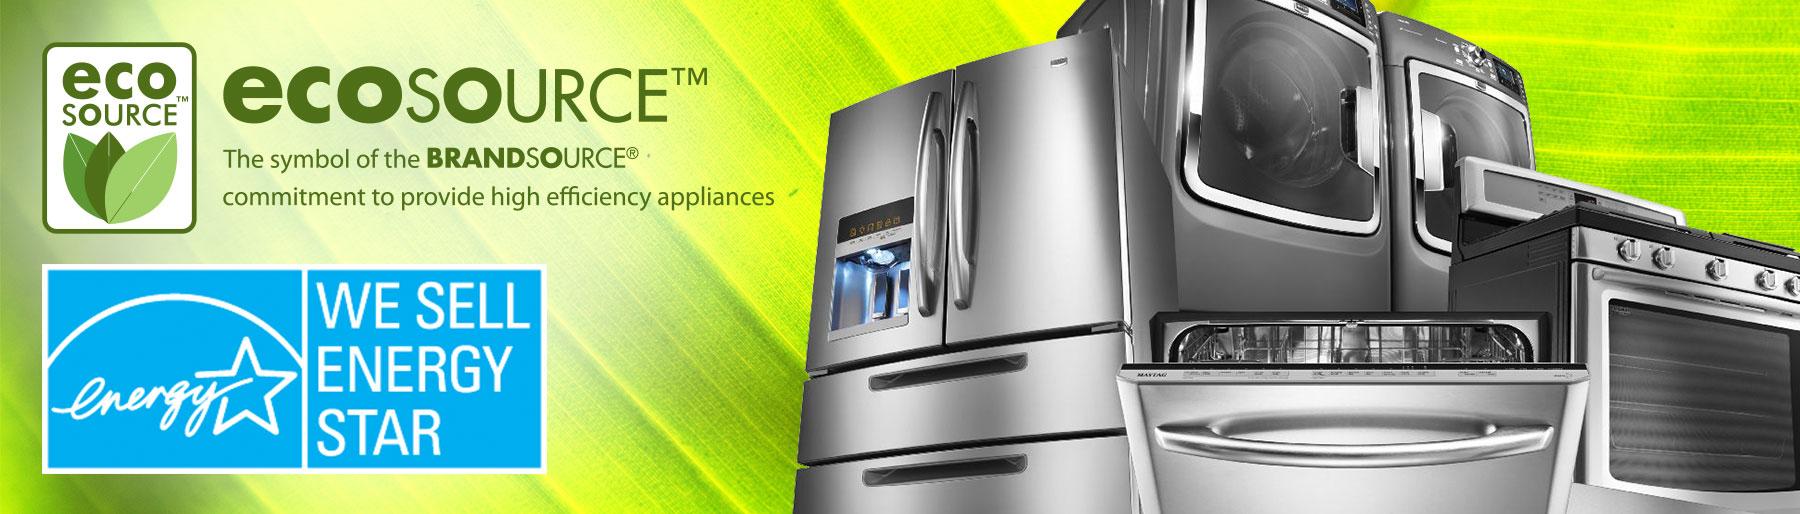 Pardini Appliance Ecosource Home Appliances Kitchen Appliances